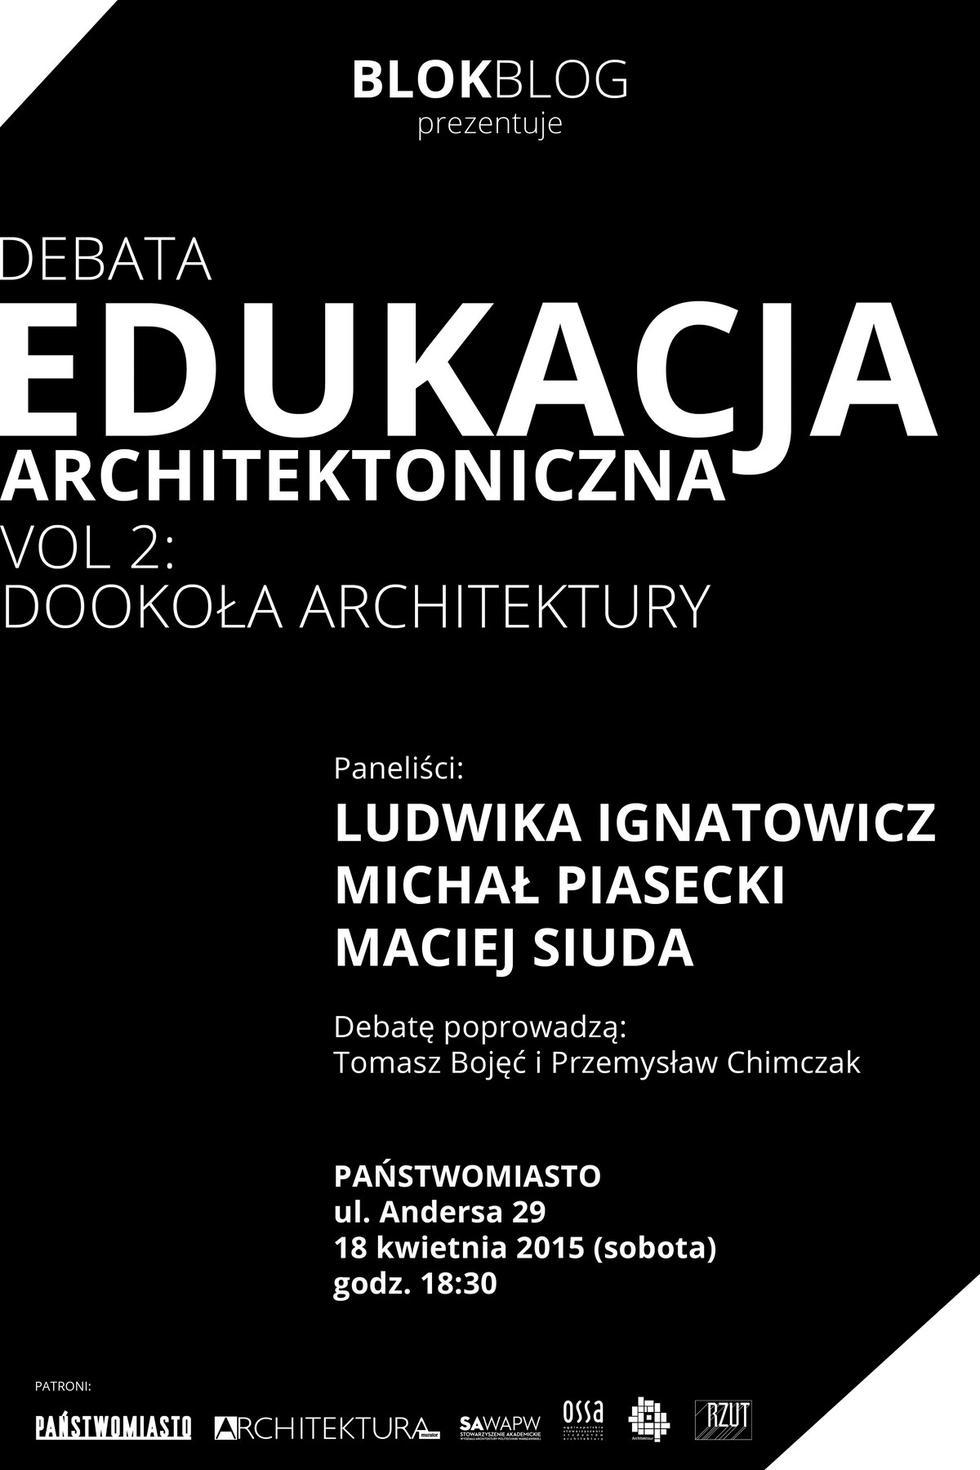 Edukacja architektoniczna